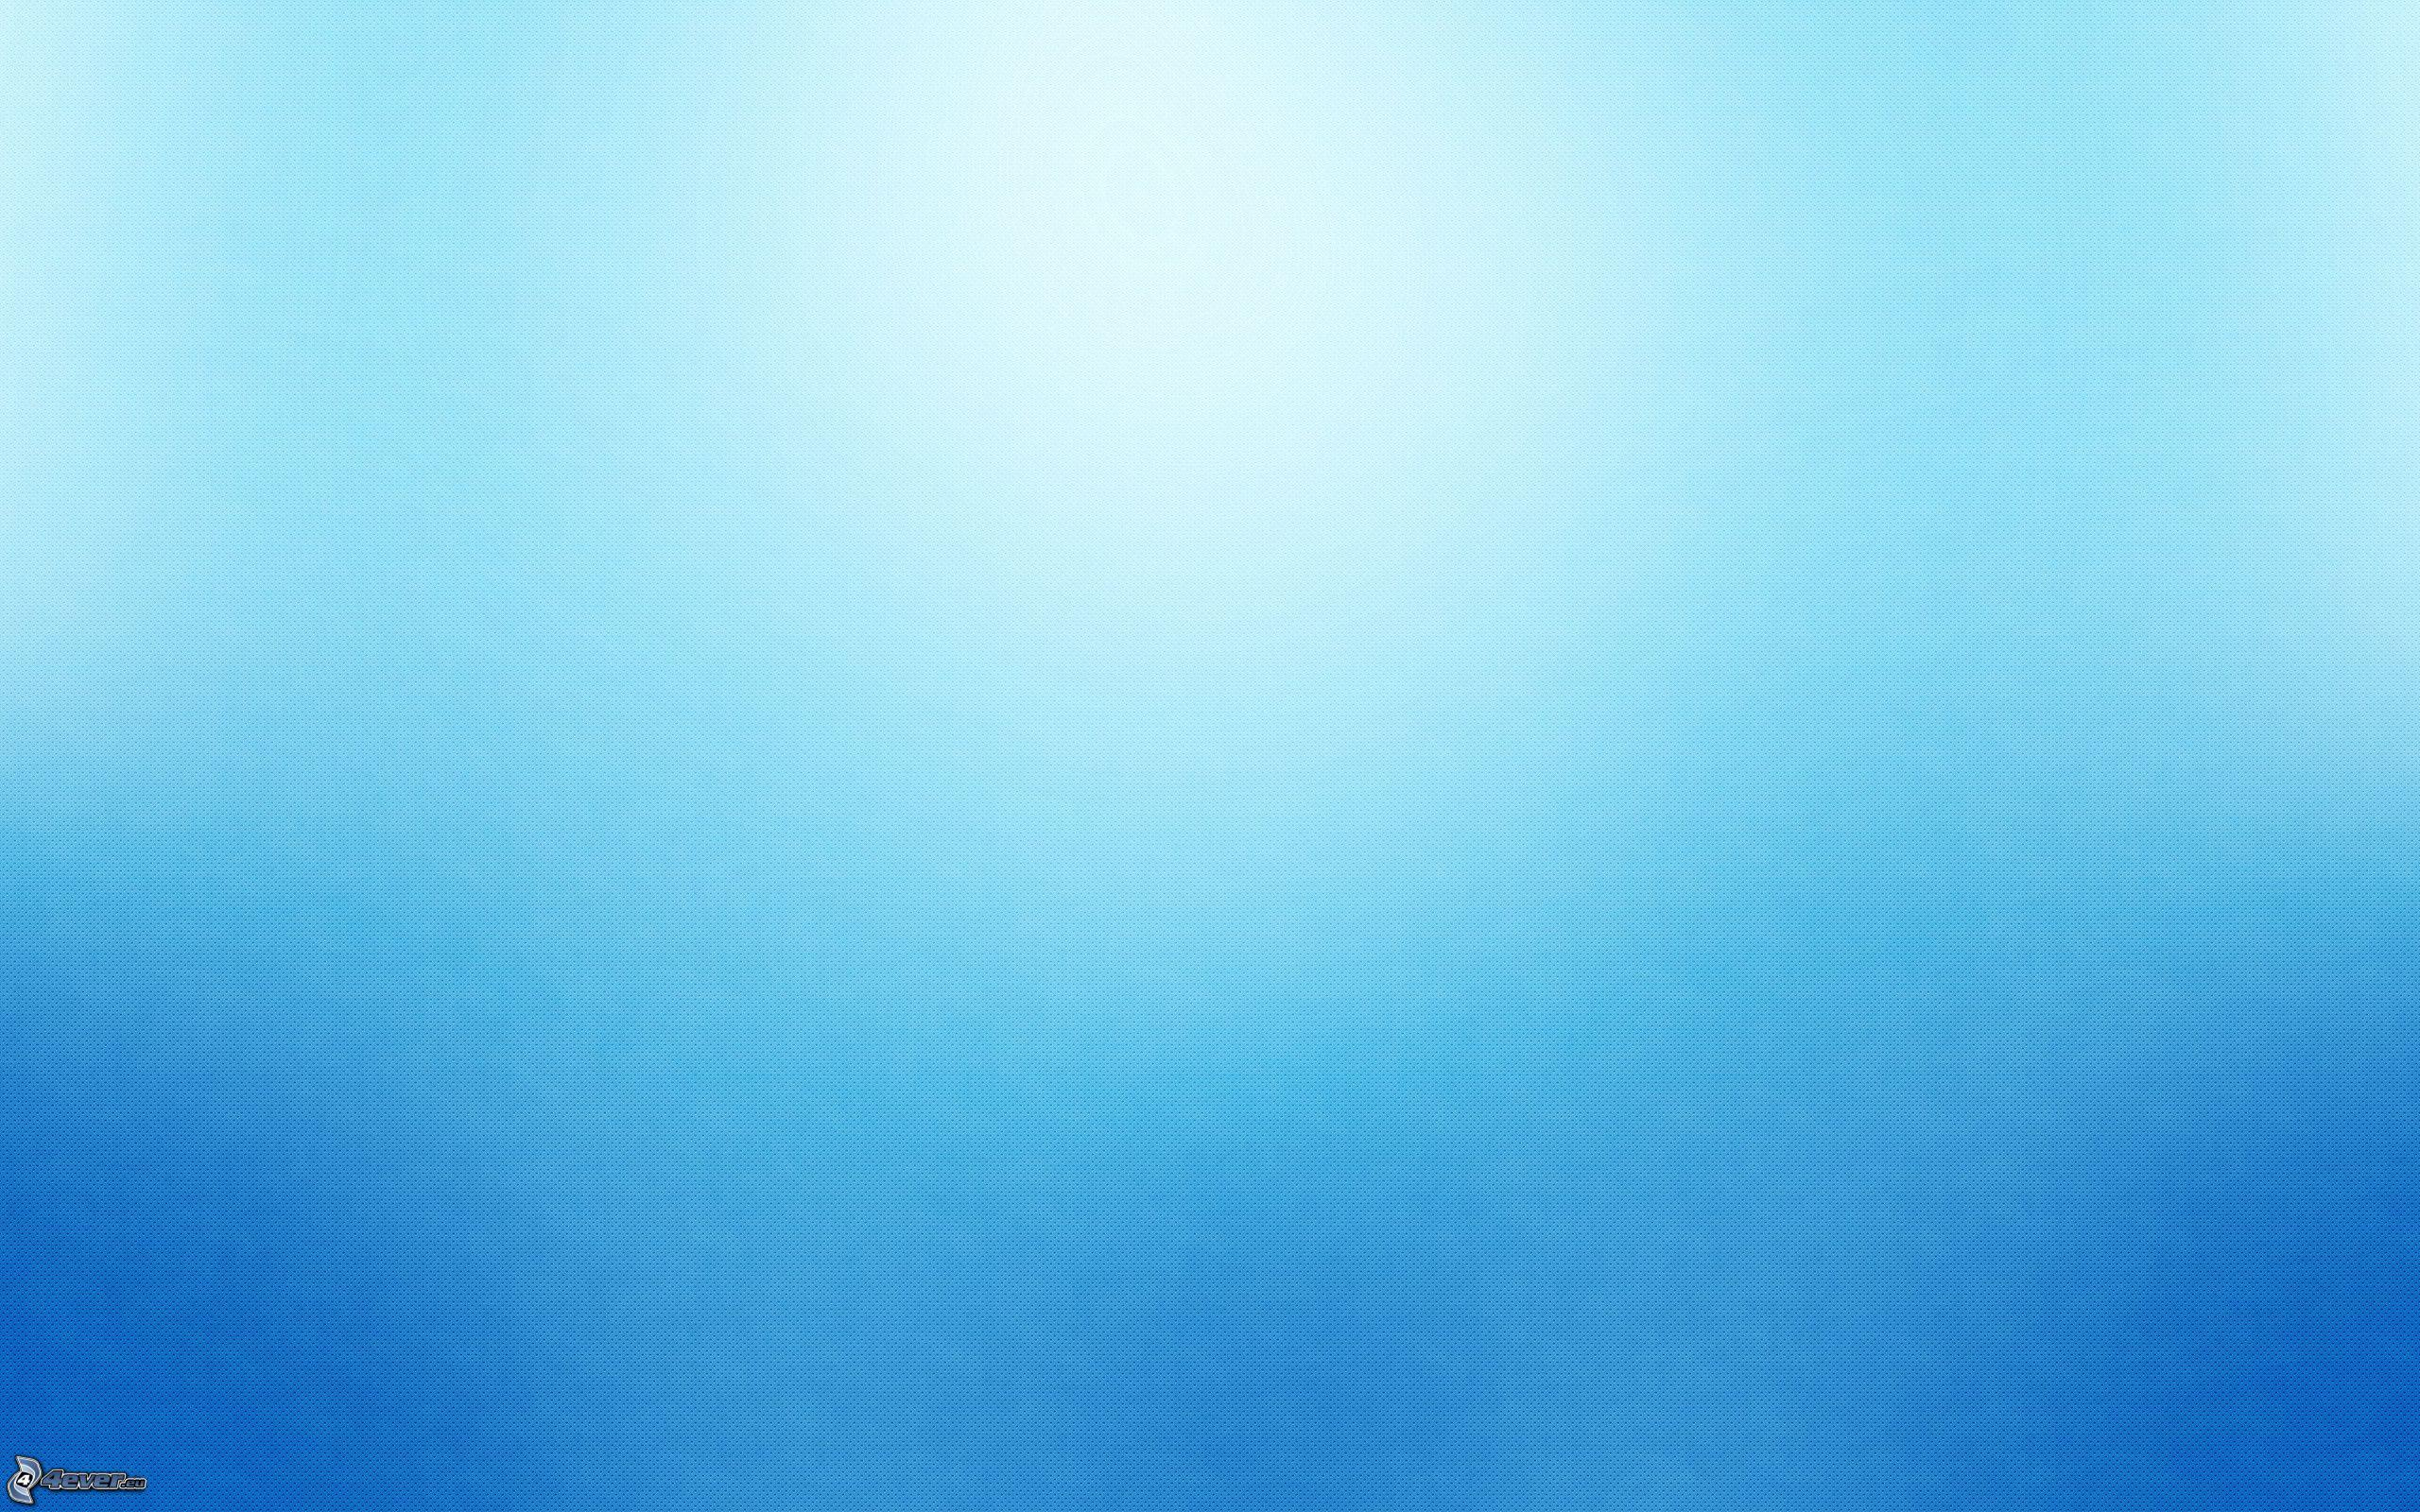 blue blackground